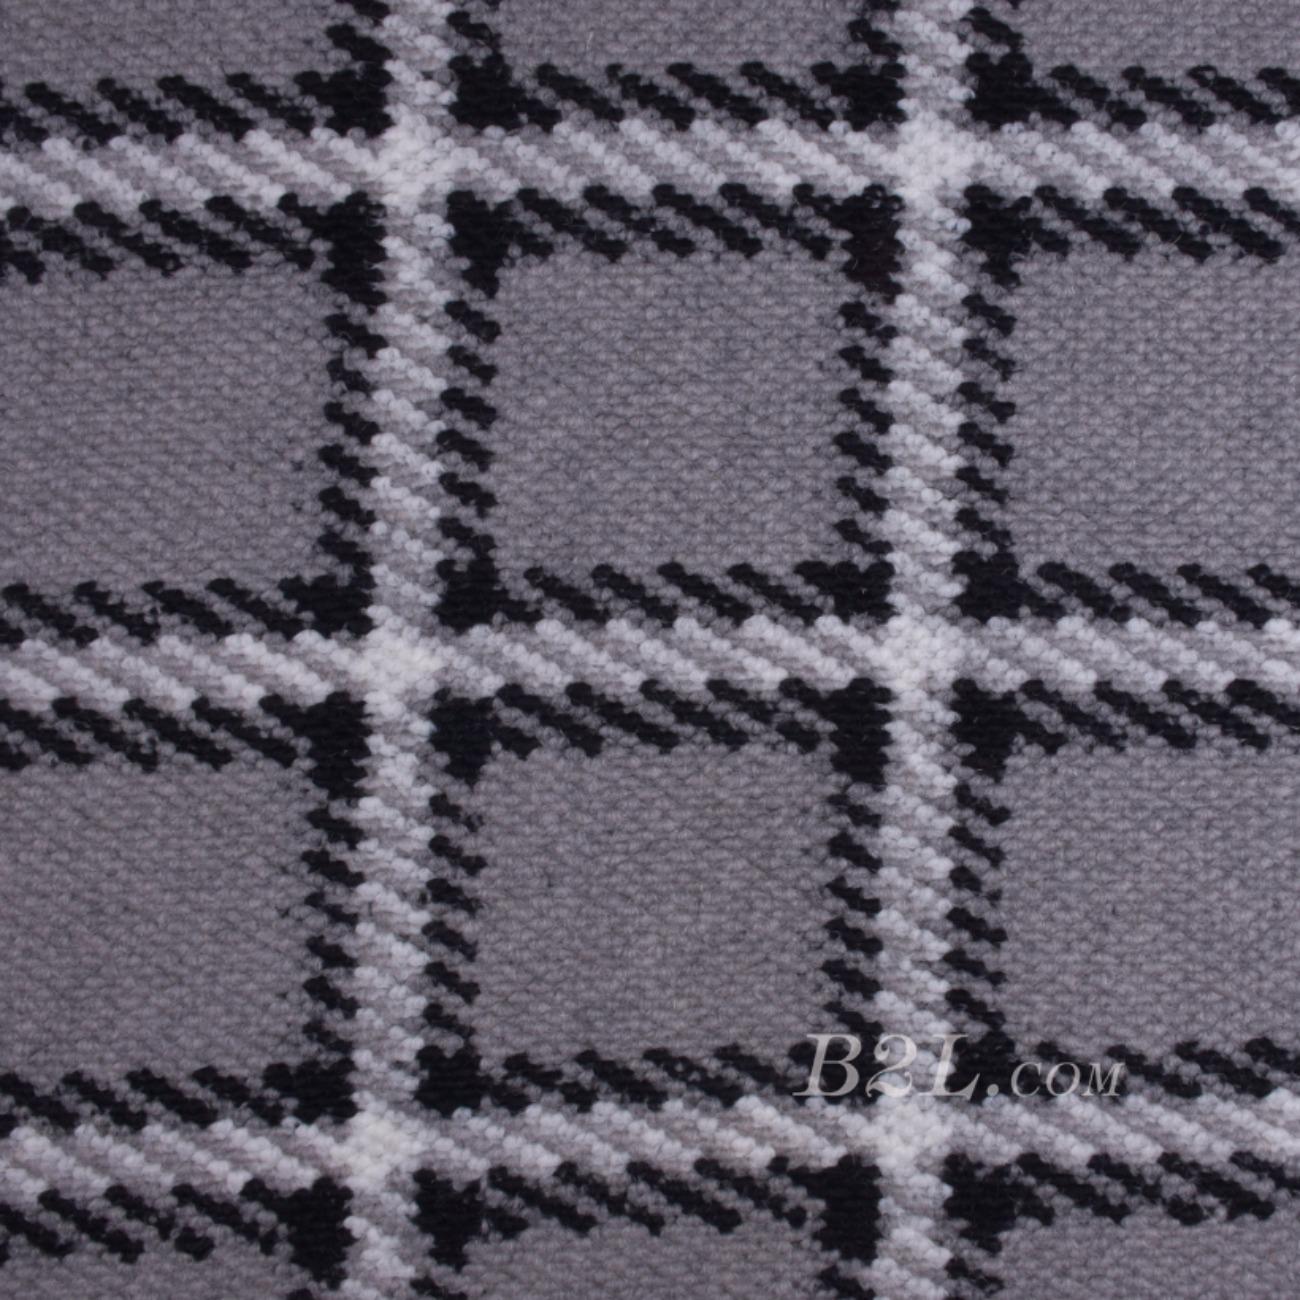 毛纺 格子 粗纺 提花 色织 绒感 无弹 秋冬 大衣 外套 女装 80720-12